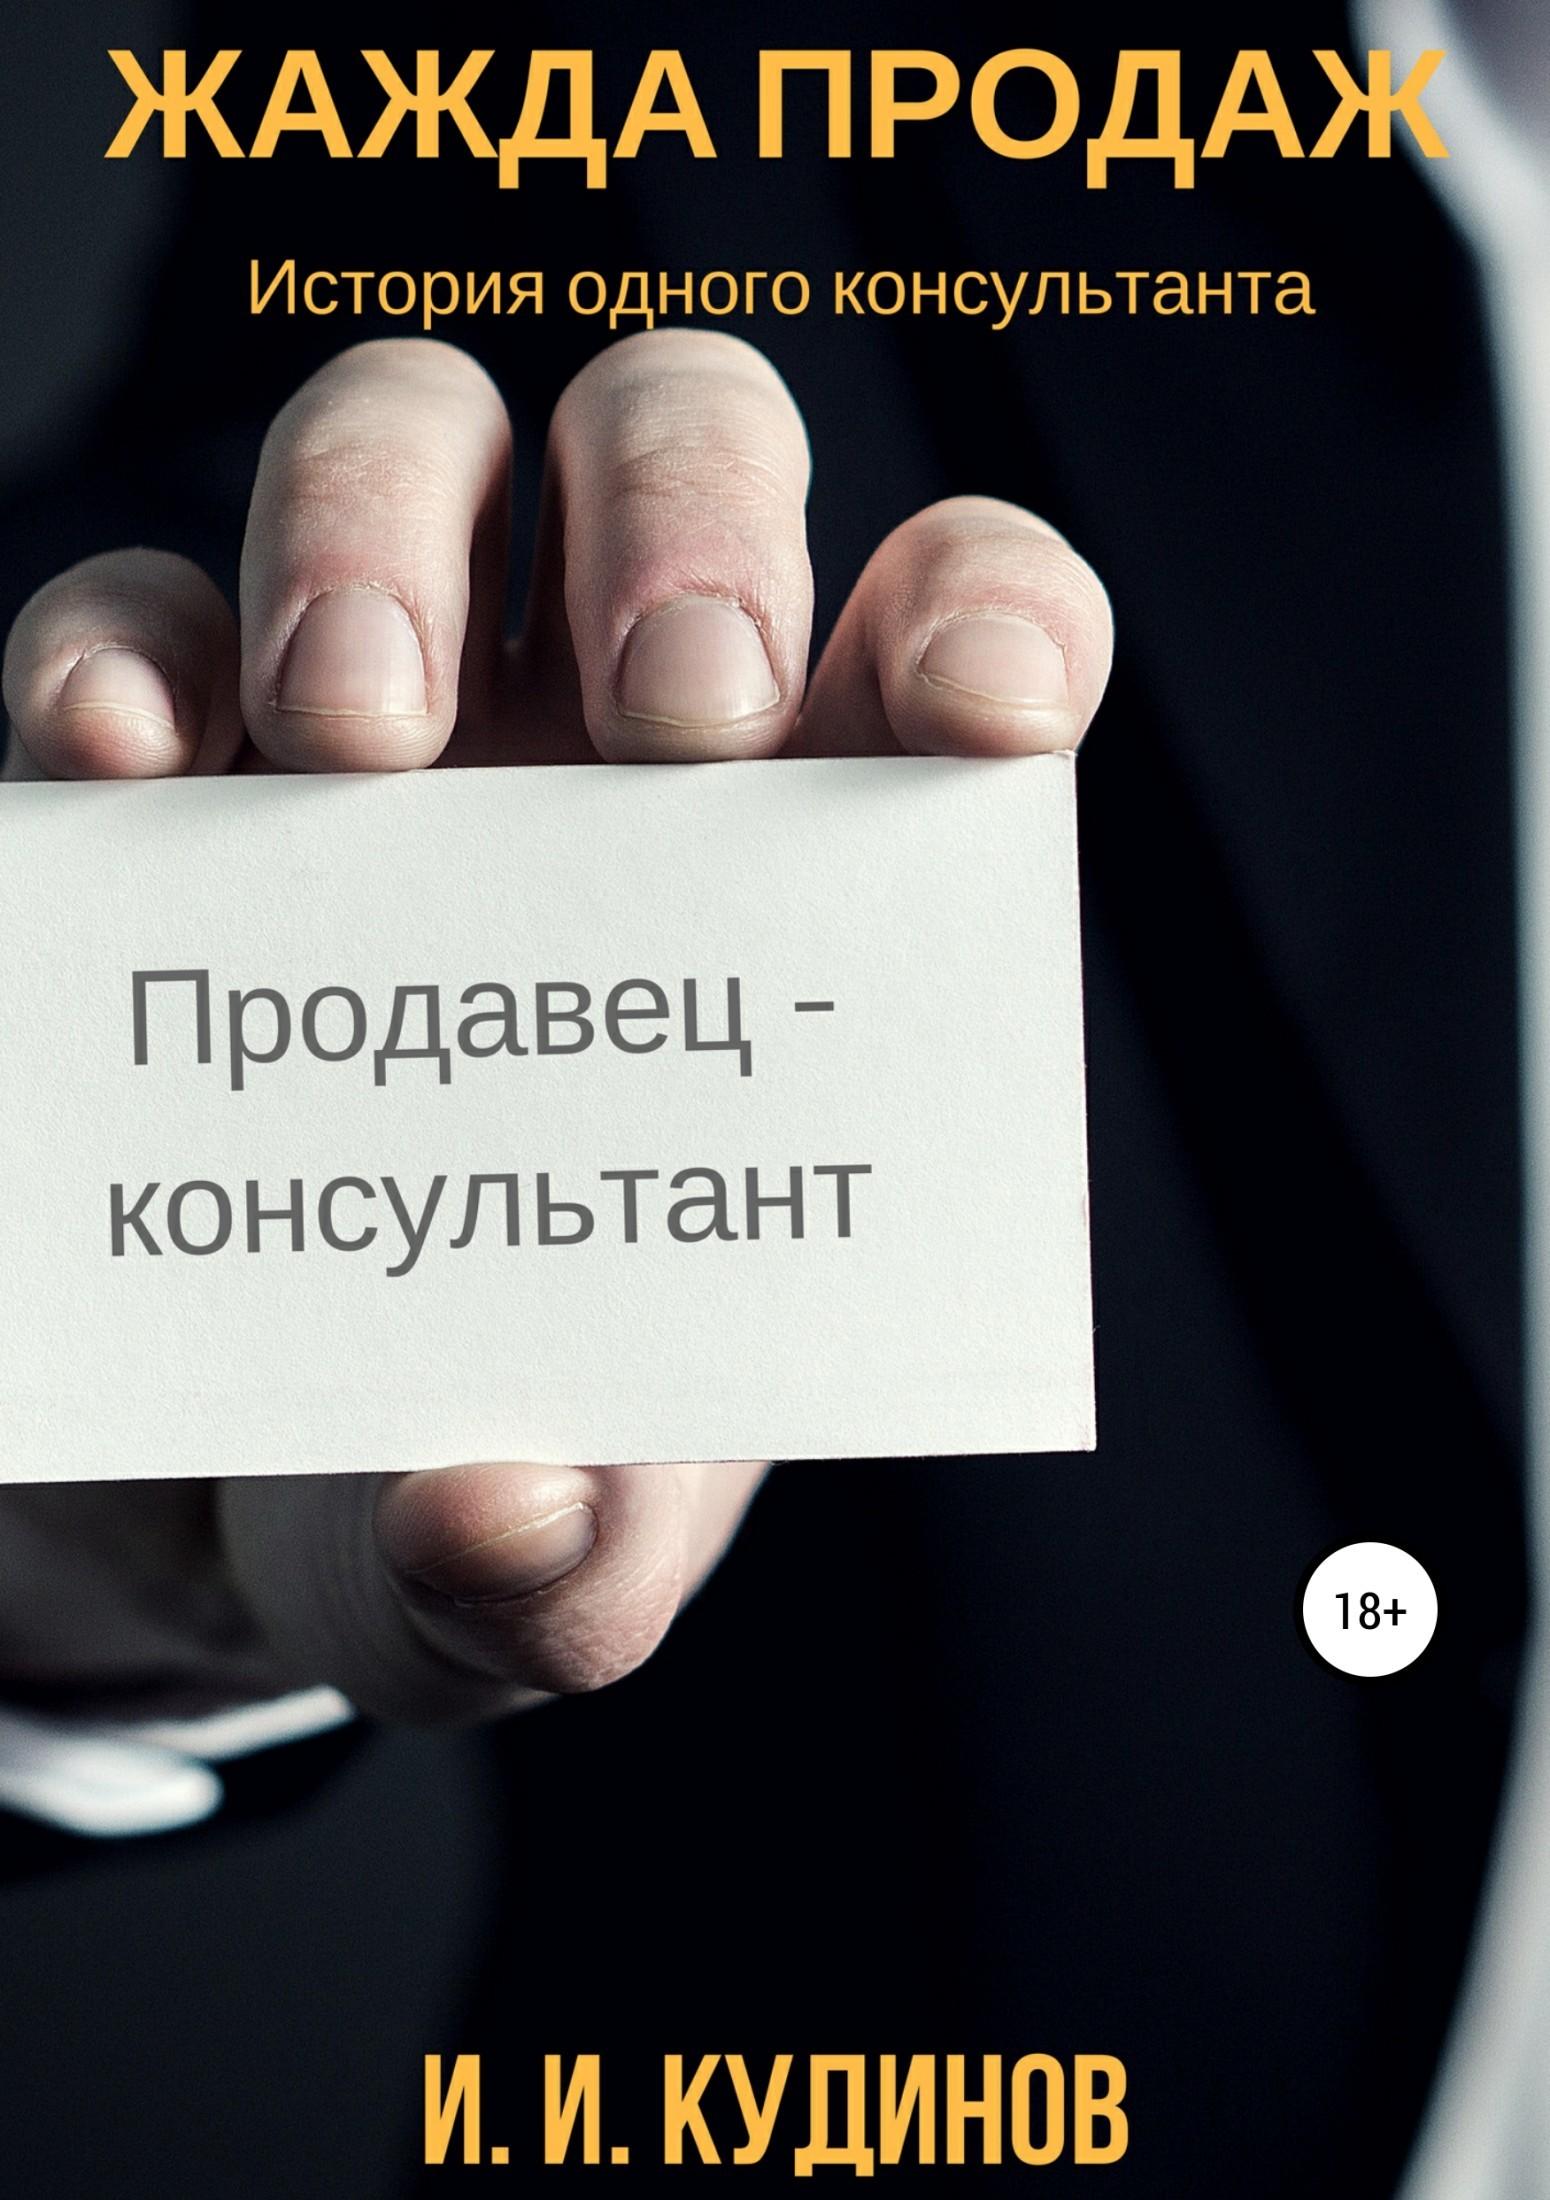 Обложка книги. Автор - Илья Кудинов